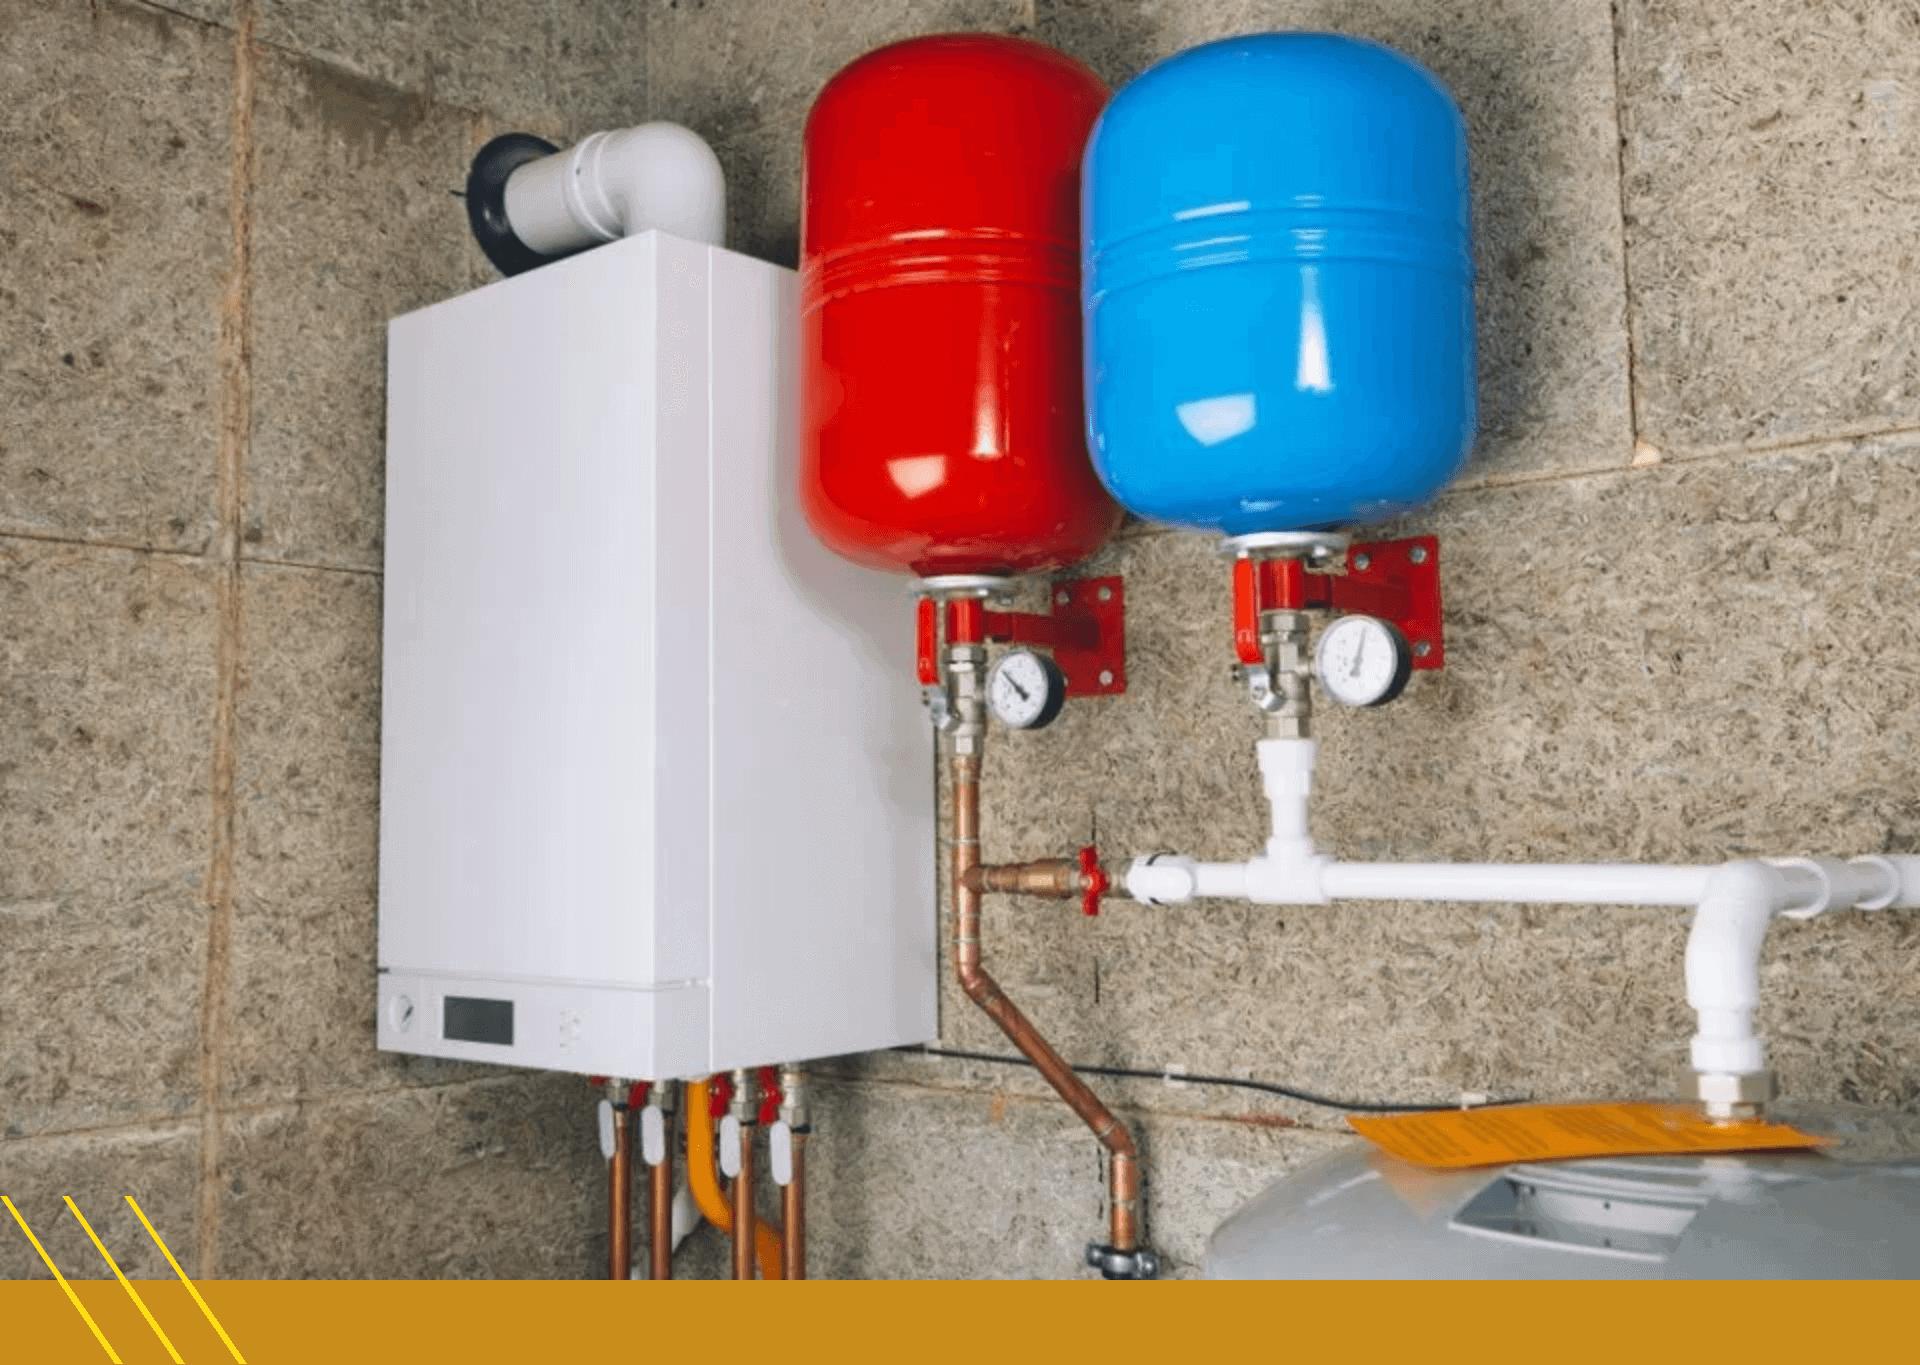 impianti-termici-bardani-perugia-caldaie-impianto-termico-radiatori-alluminio-ghisa-acciaio